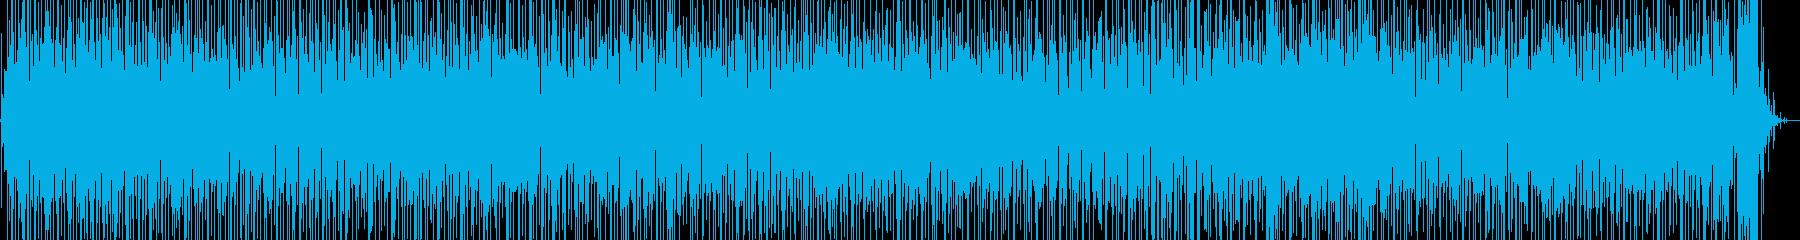 ギターとパーカッションのラテンファンクの再生済みの波形